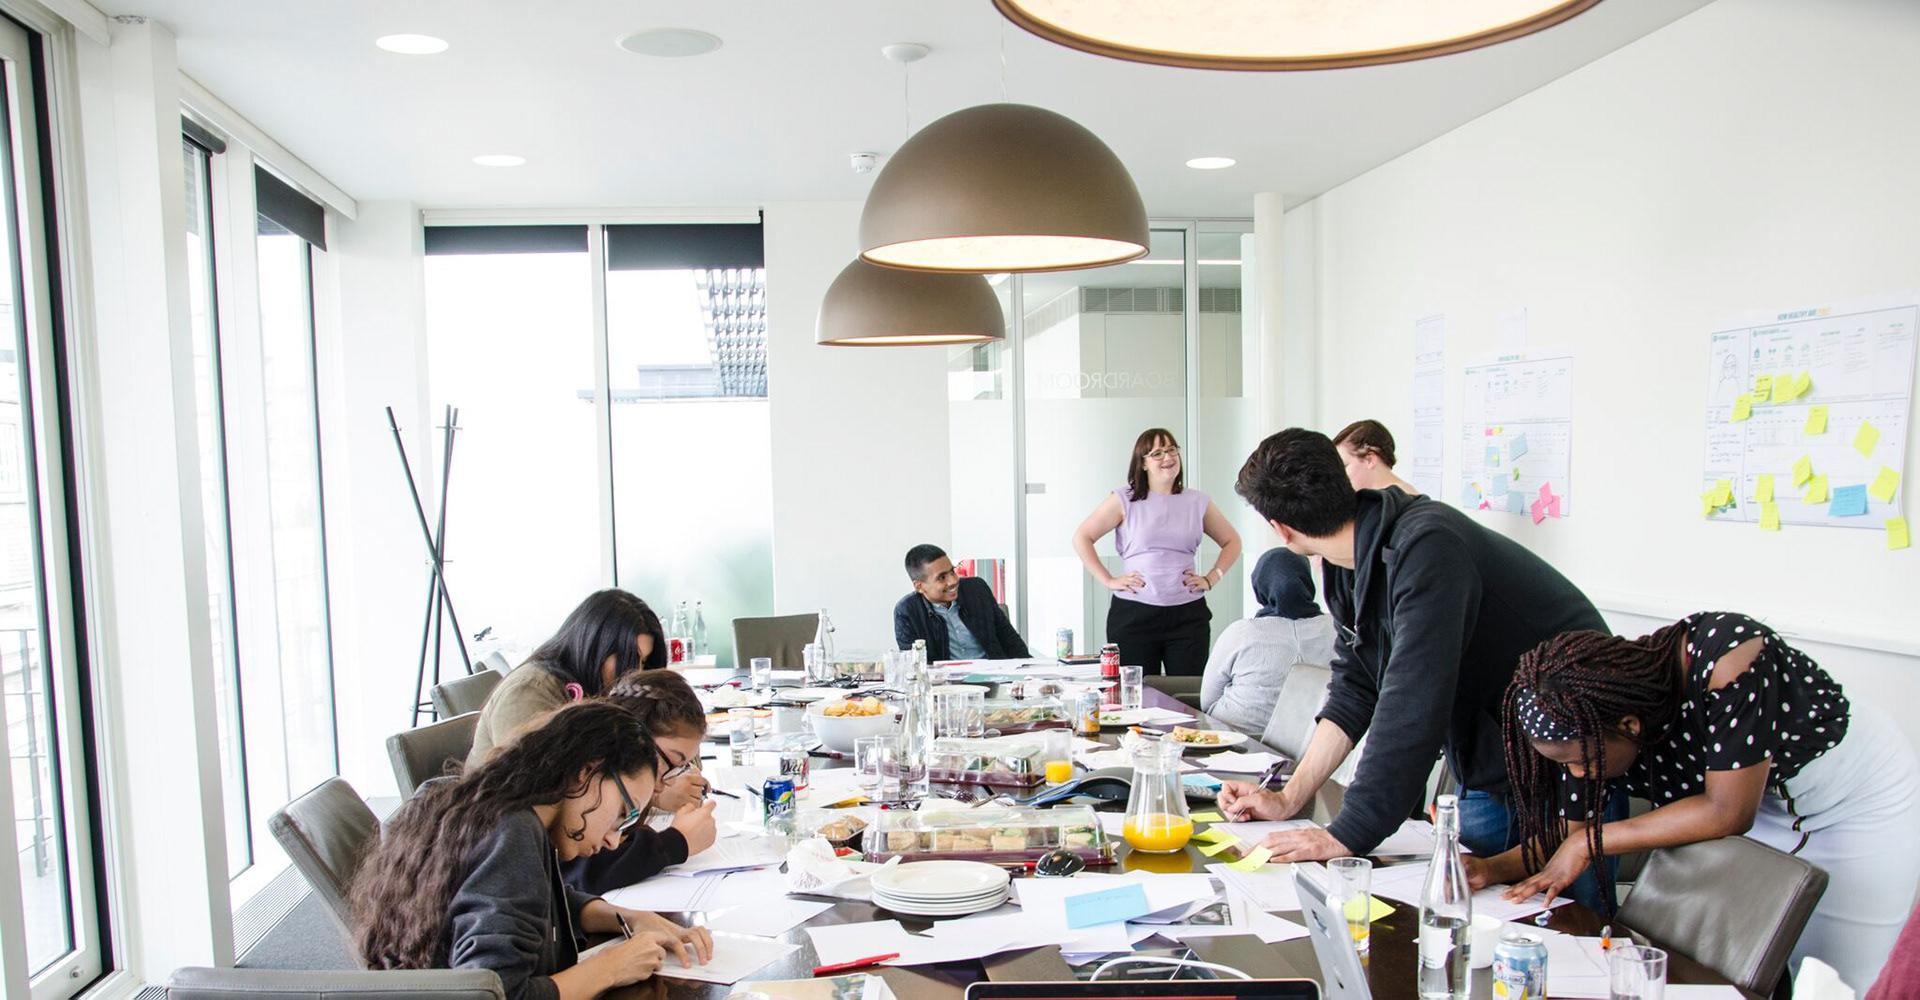 Alaa Alsaraji Service Design Workshop With Ncs